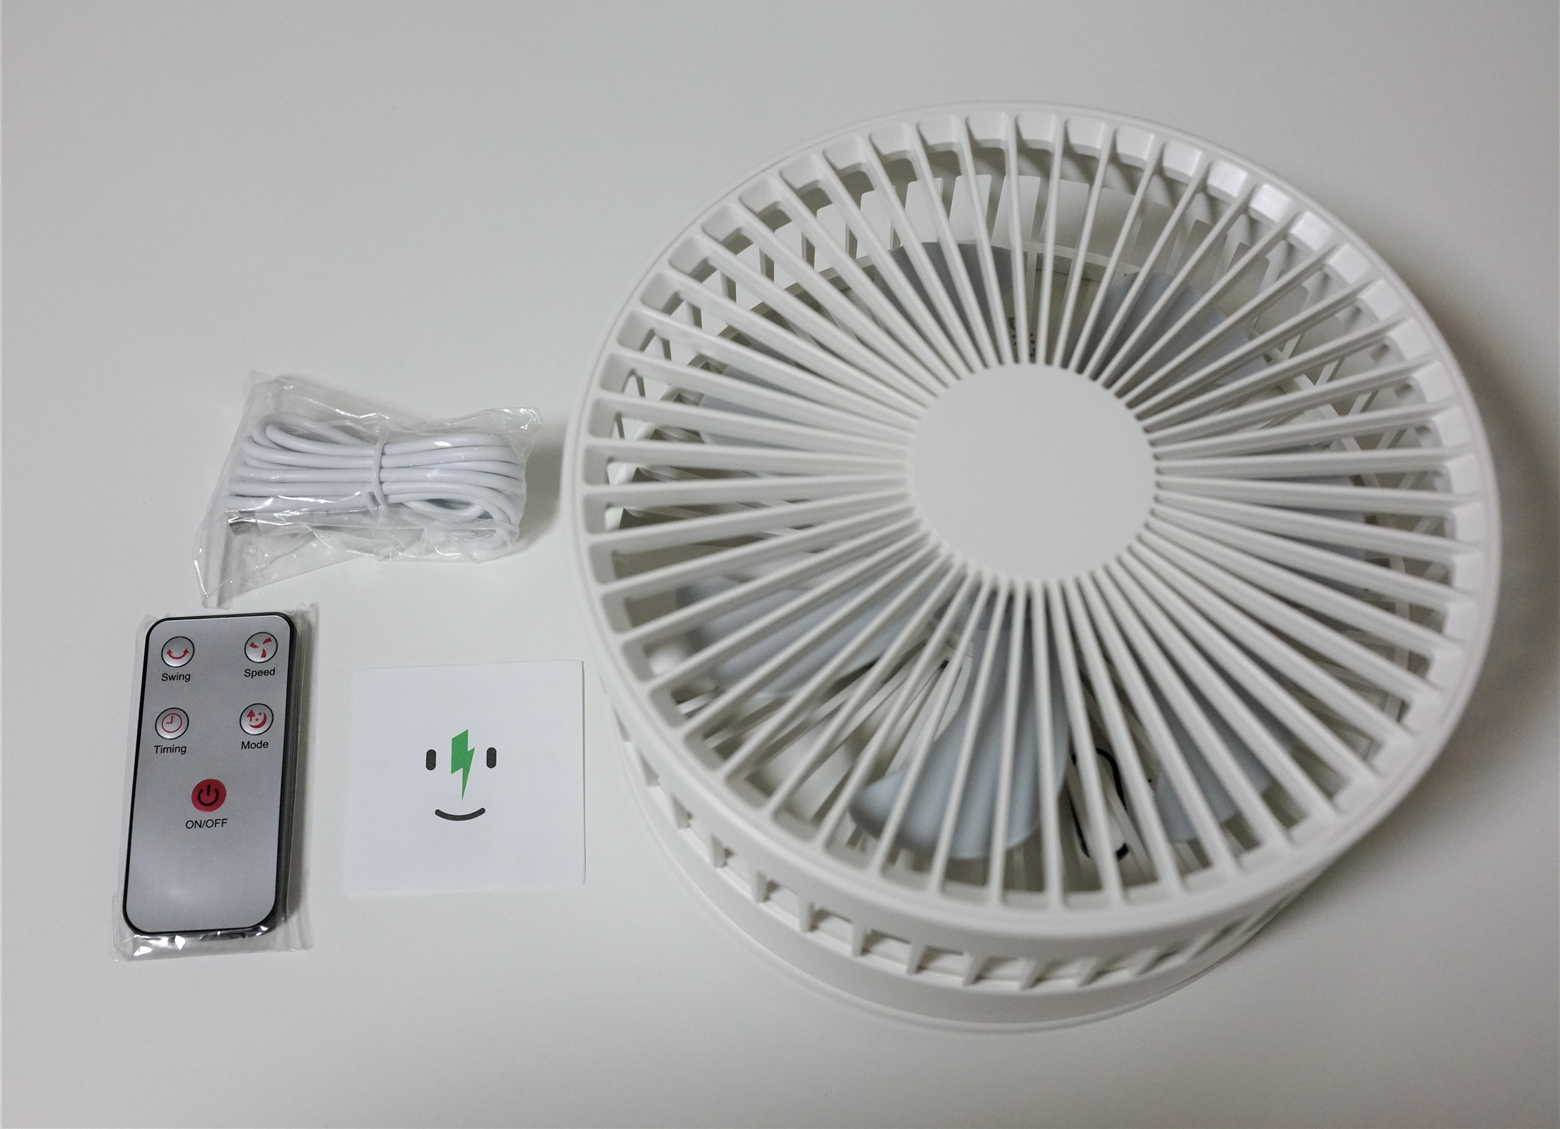 BlitzWolf® BW-F3 7200mAhバッテリー搭載 蓄電式 USB 扇風機レビュー